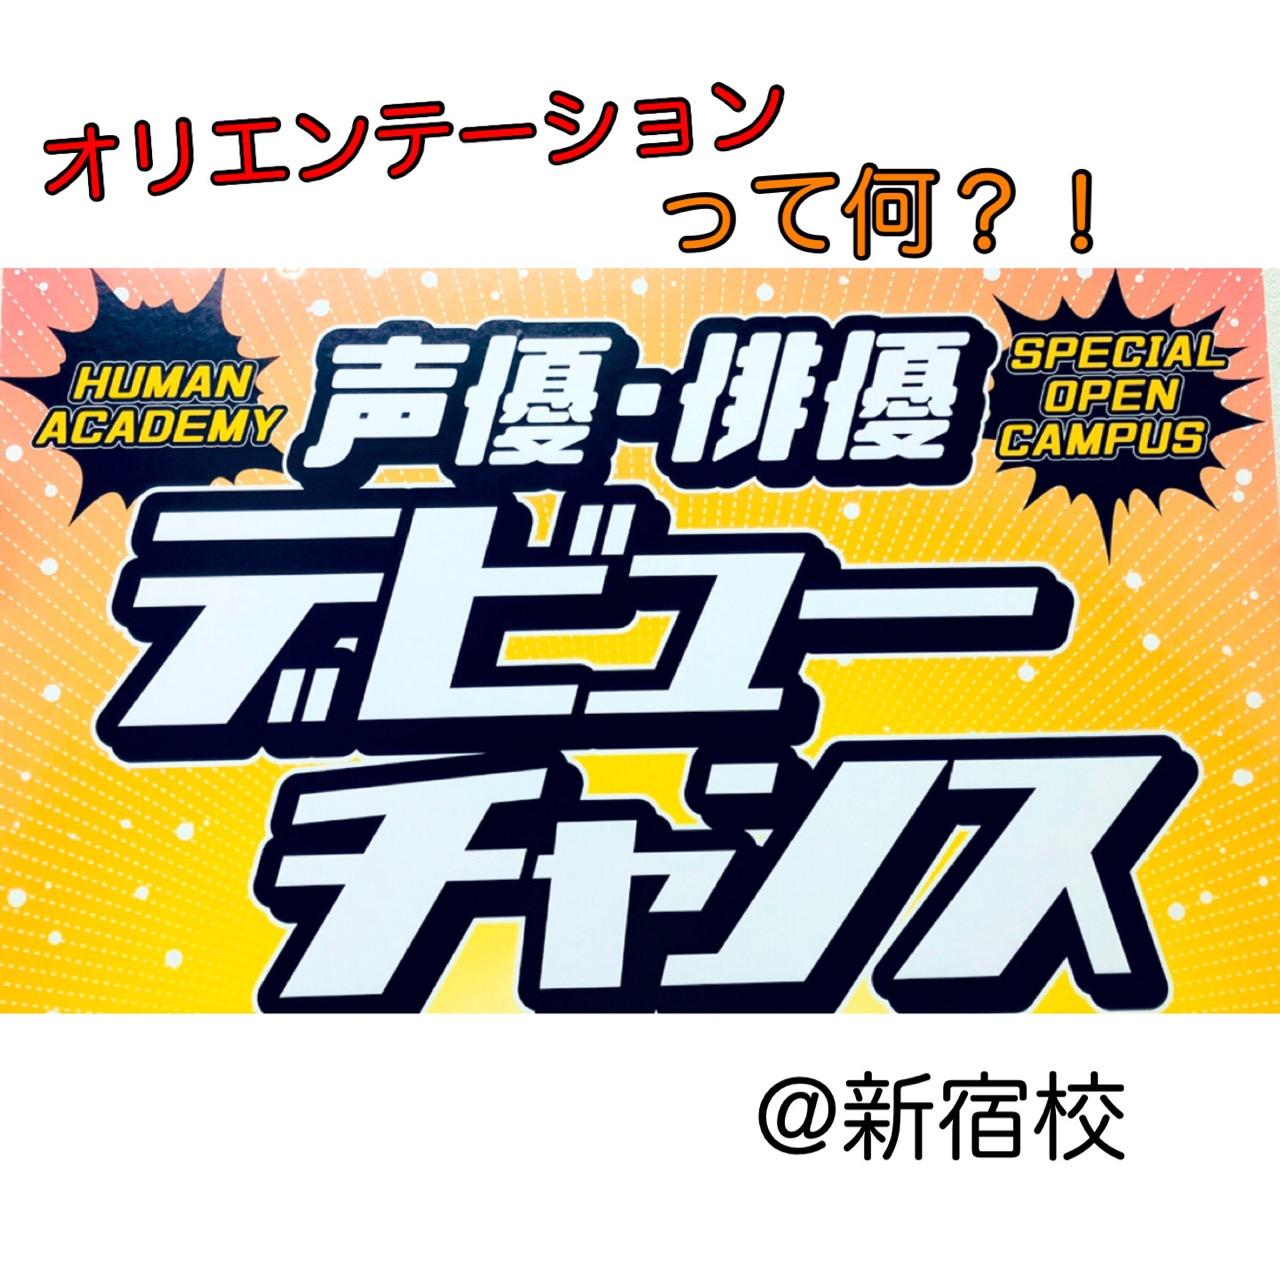 【声優・俳優】★2019年10月生 平日夜間週末コース スタート★